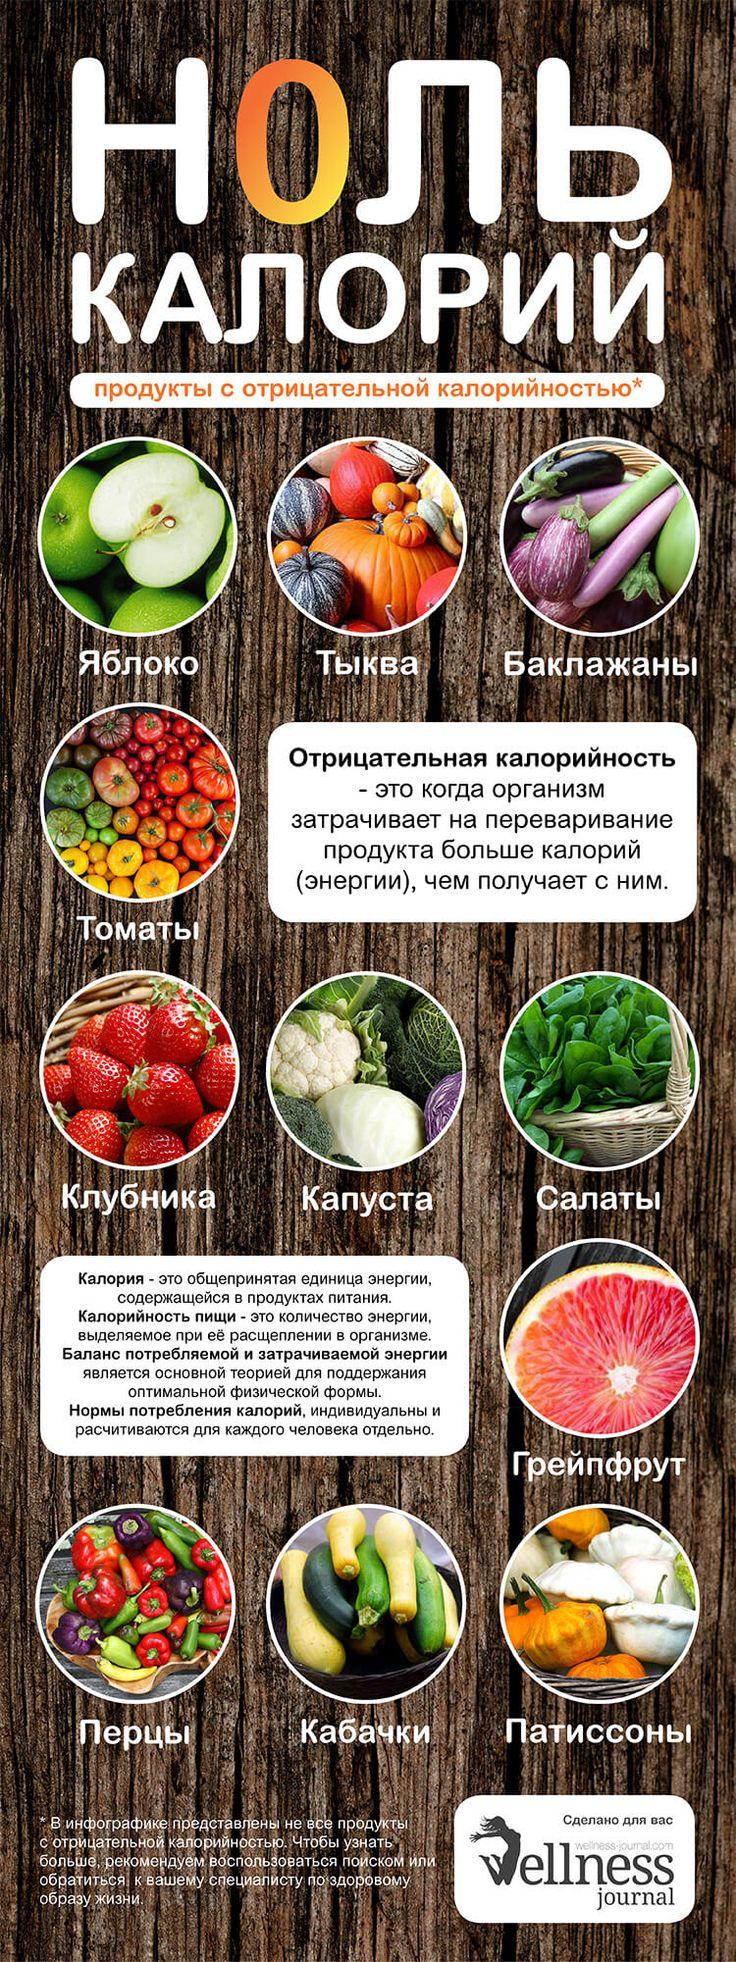 25 сытных продуктов, которые позволят забыть о голоде | курсы и тренинги от лары серебрянской